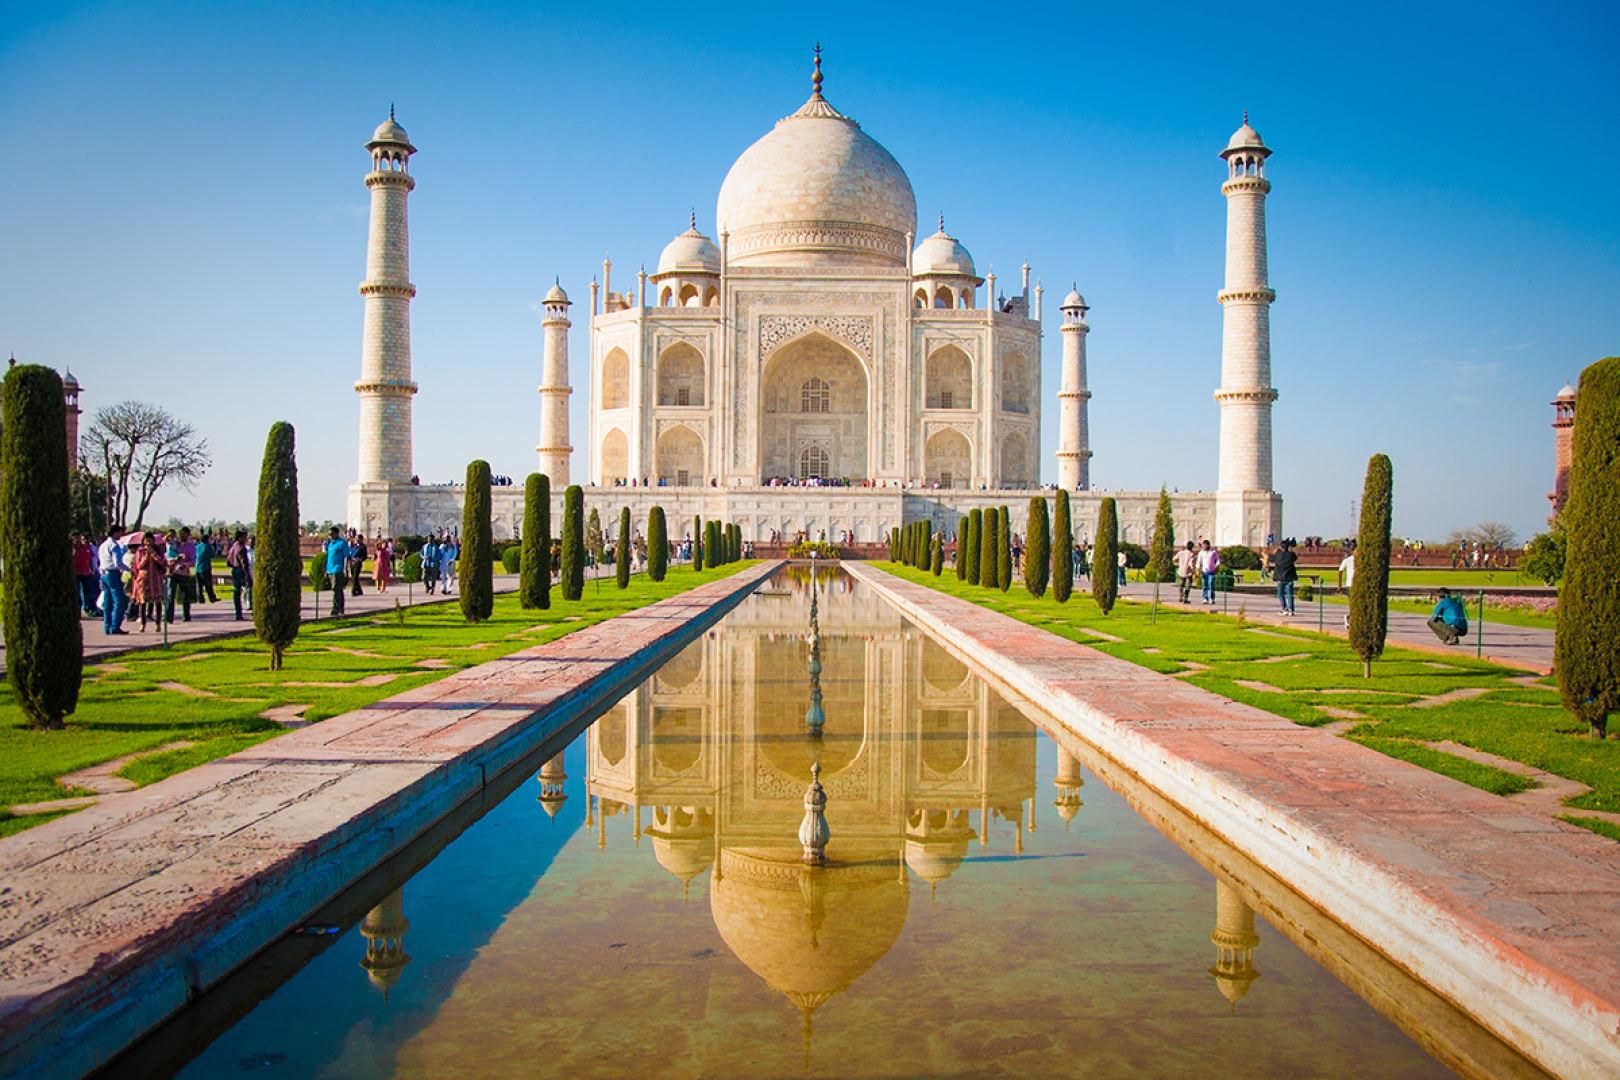 prekybos opijomis pavyzdžiai indijoje)